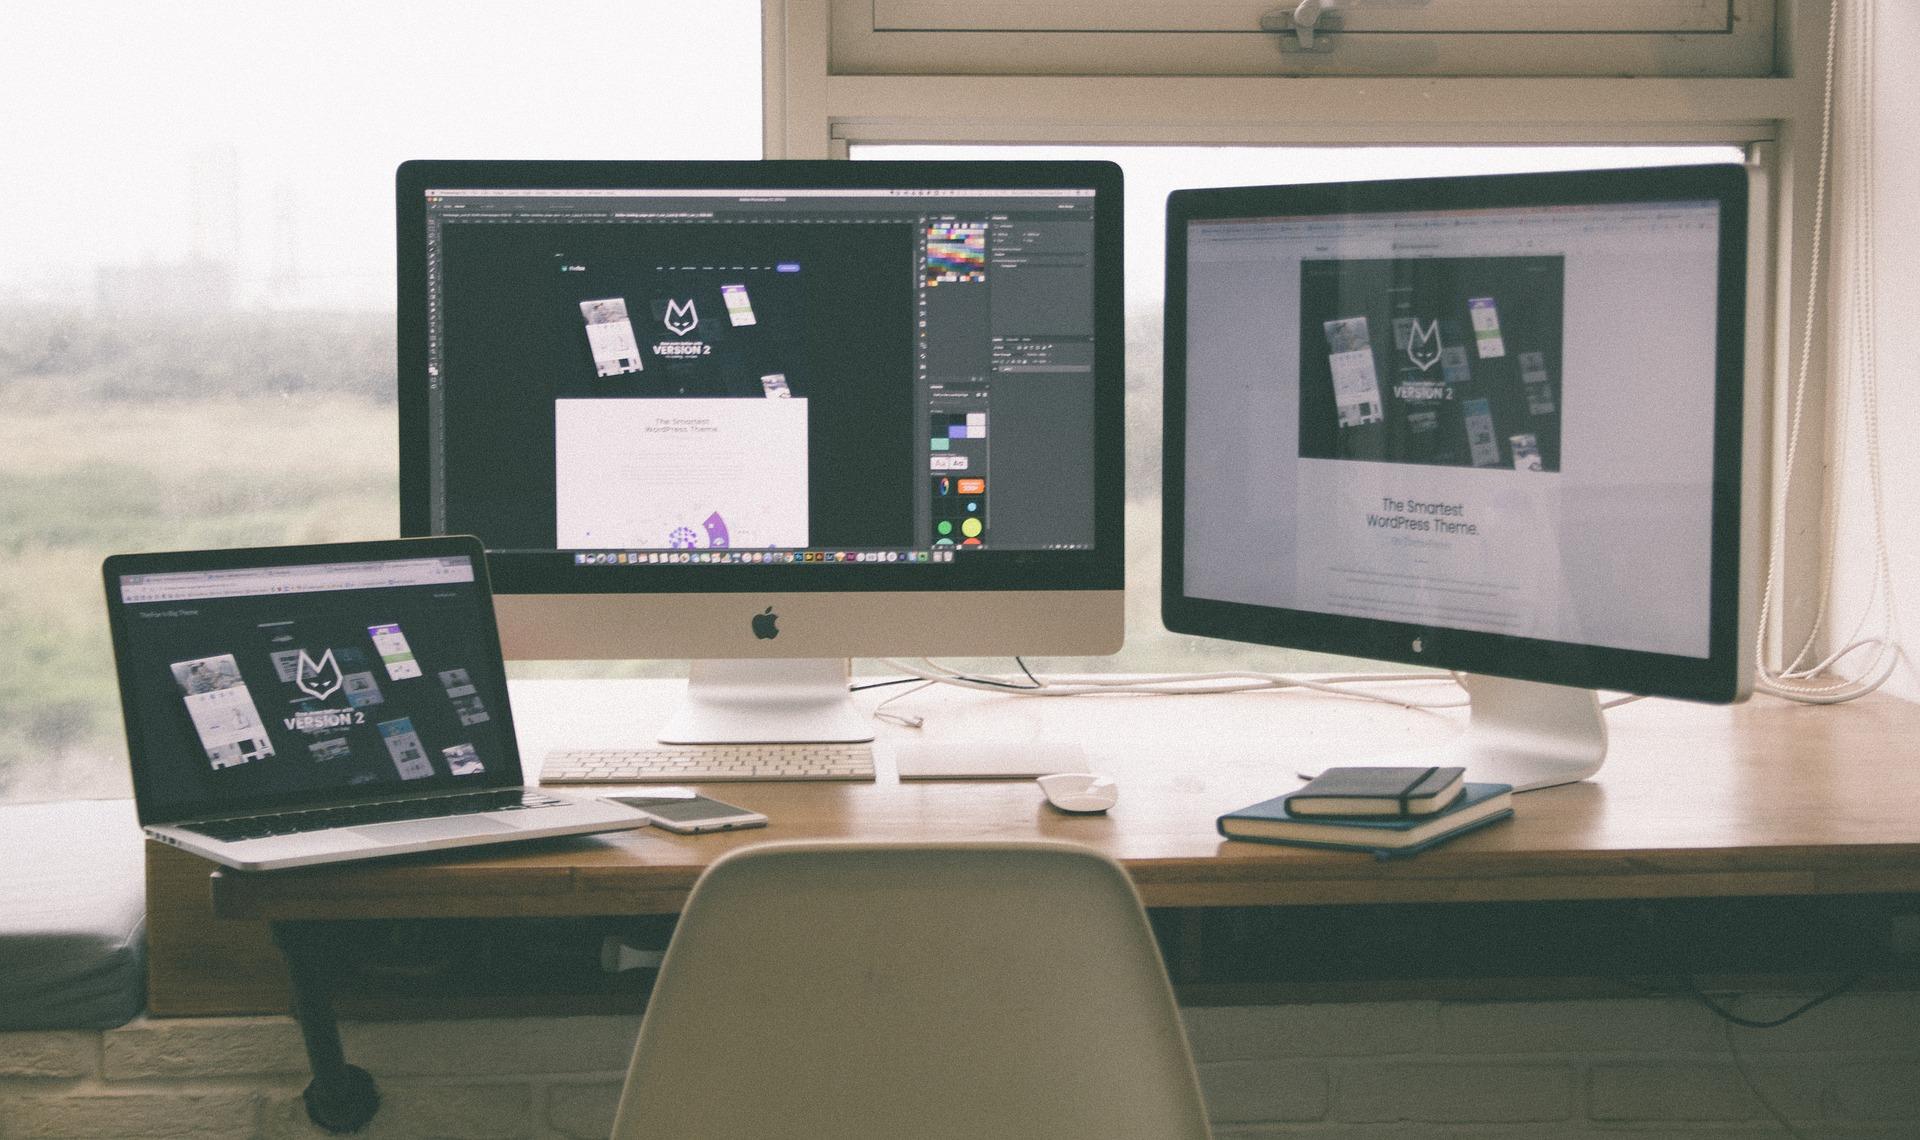 Comment_choisir_le_meilleur_logiciel_de_gestion_des_flux_de_travail_pour_votre_organisation_?